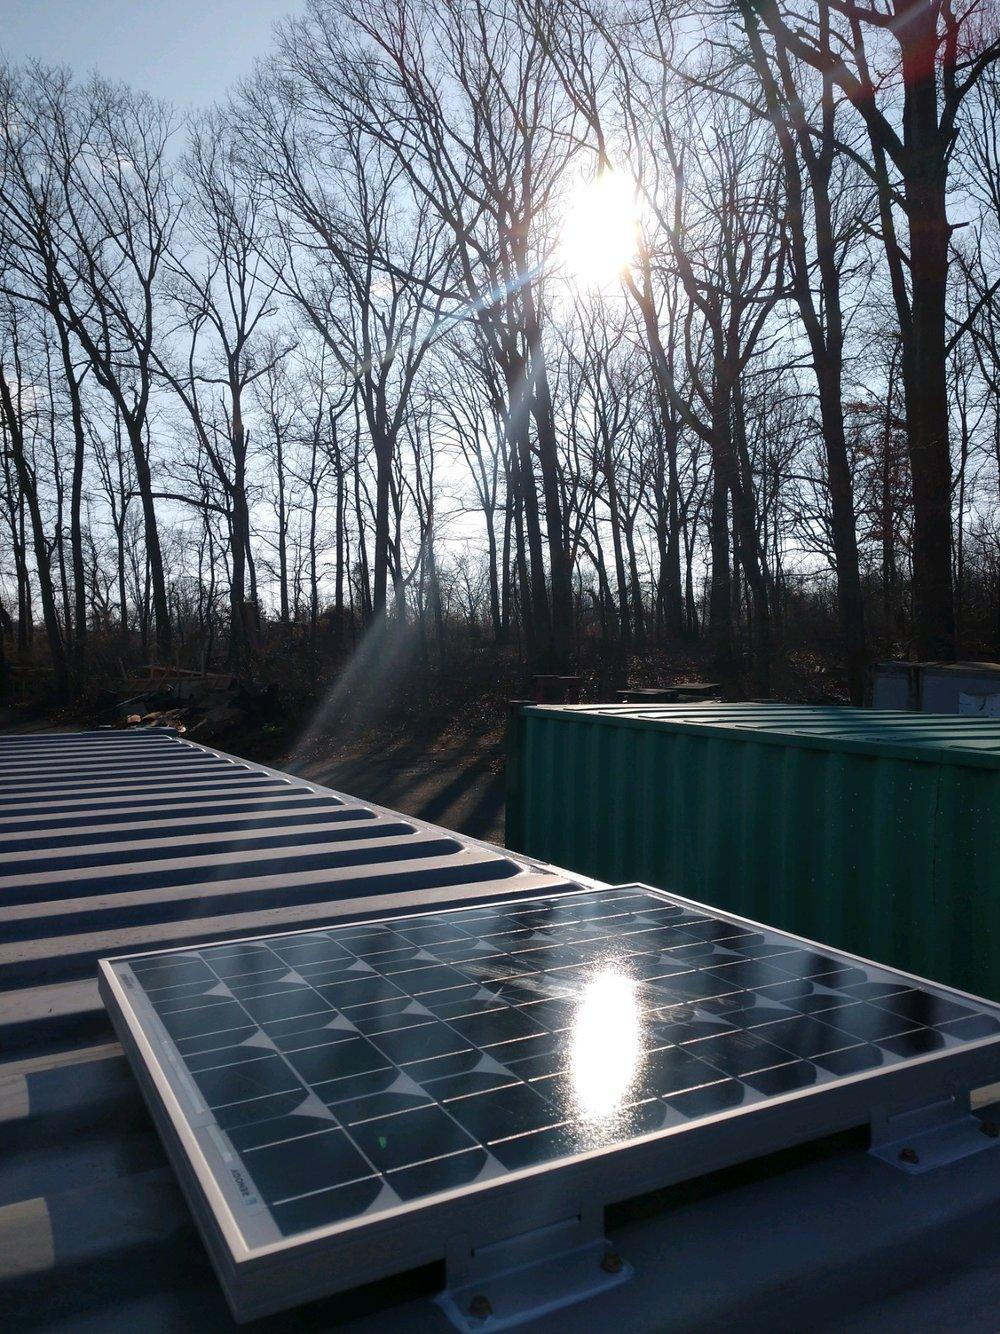 We've gone solar -